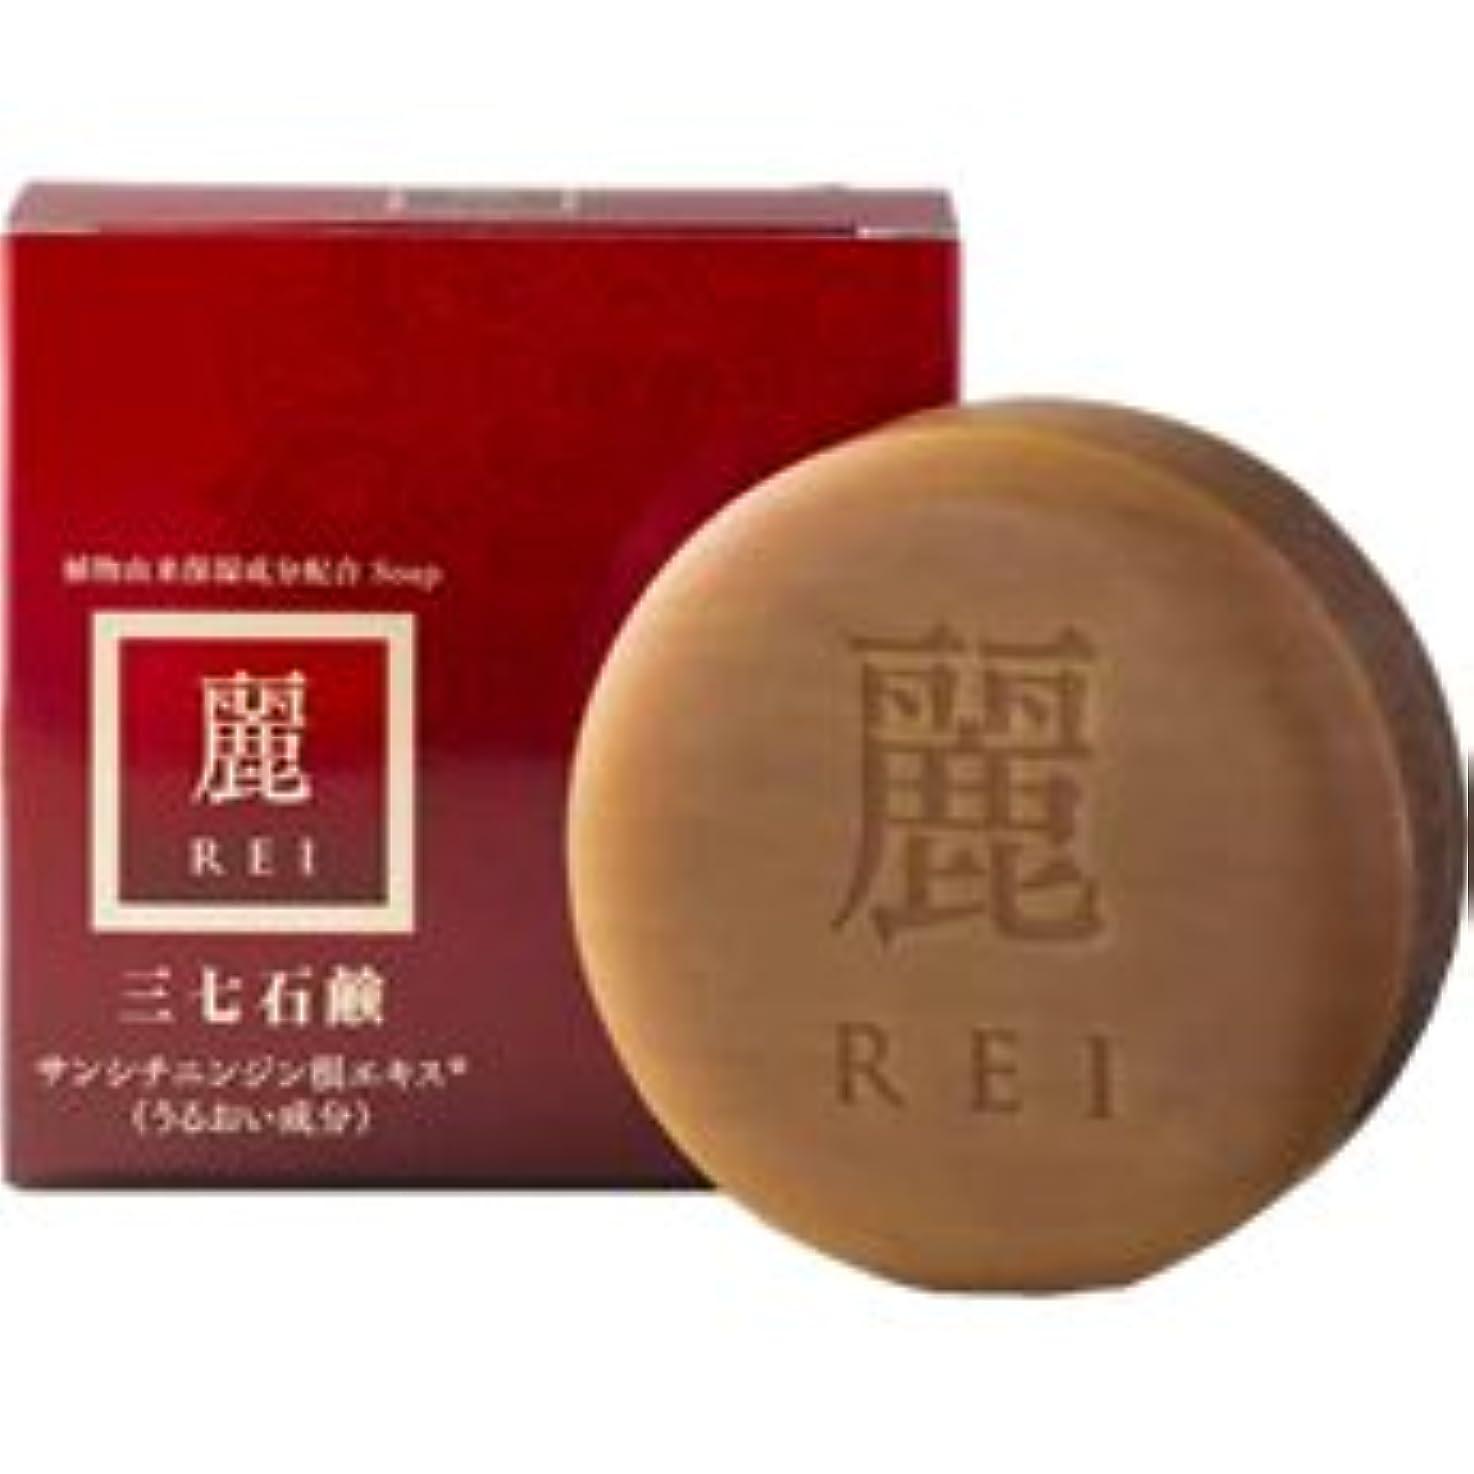 思慮深いダーツ許可三七石鹸 麗(れい) 100g